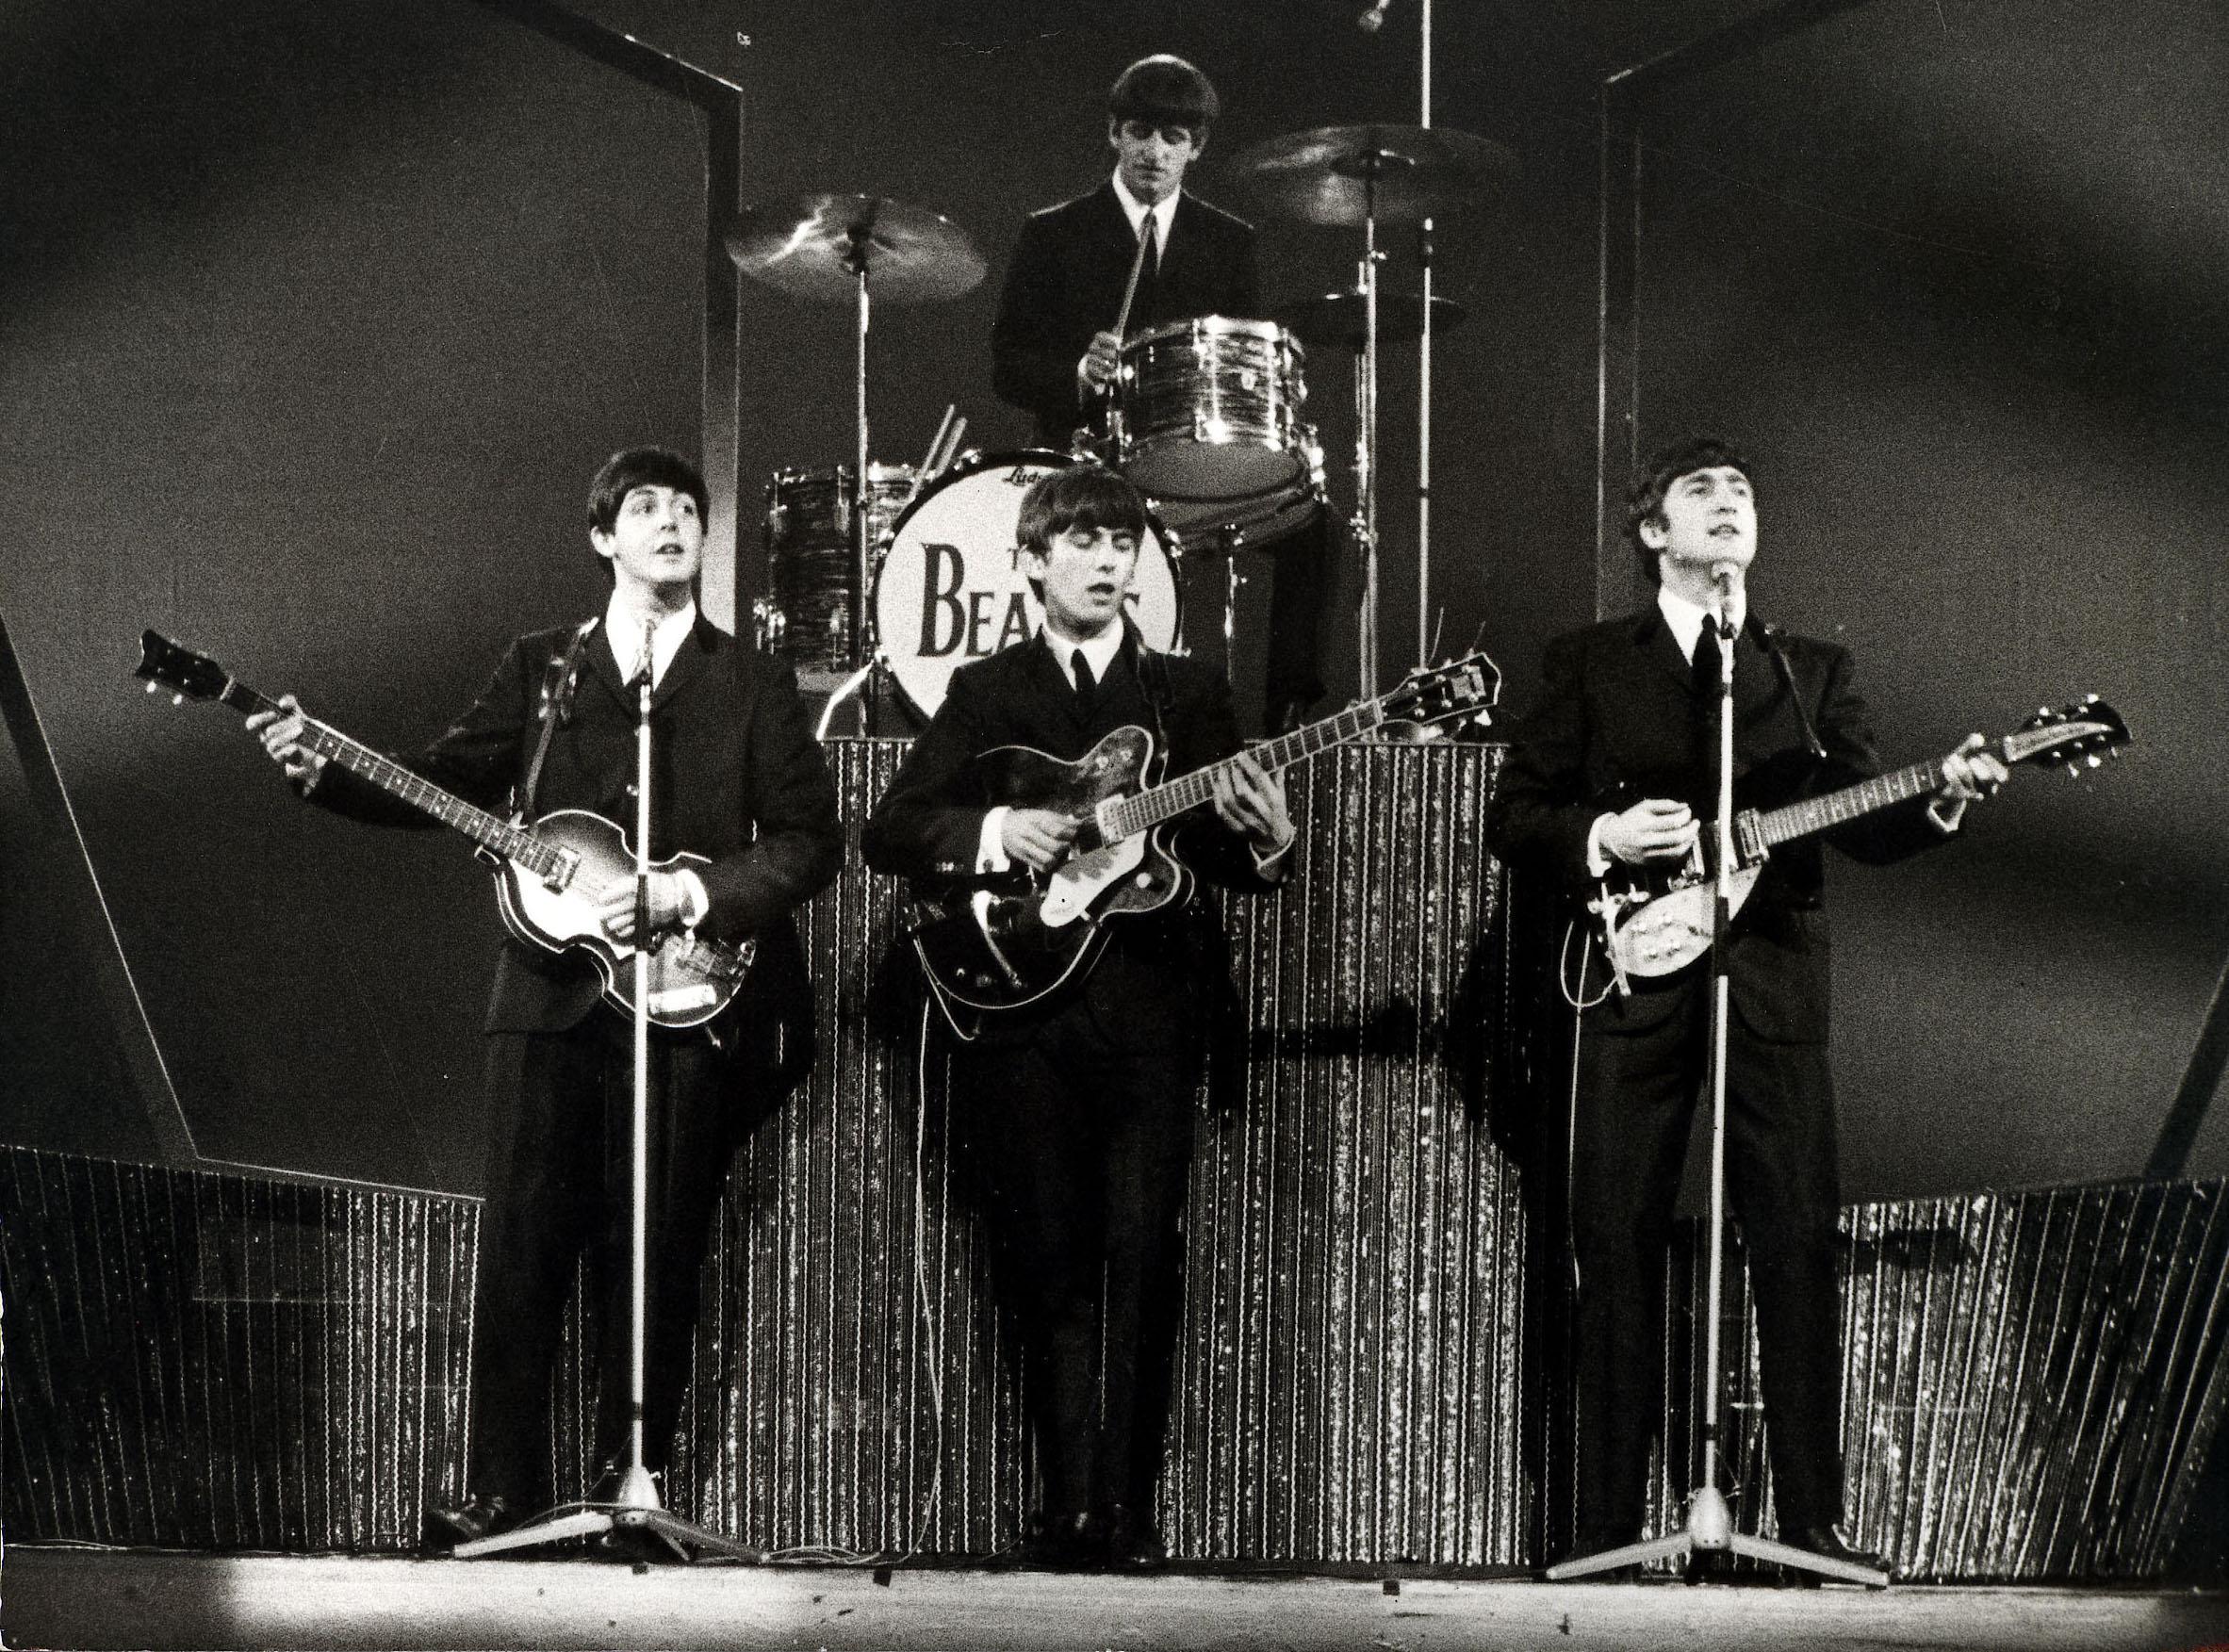 Beatles Wallpaper Widescreen - WallpaperSafari